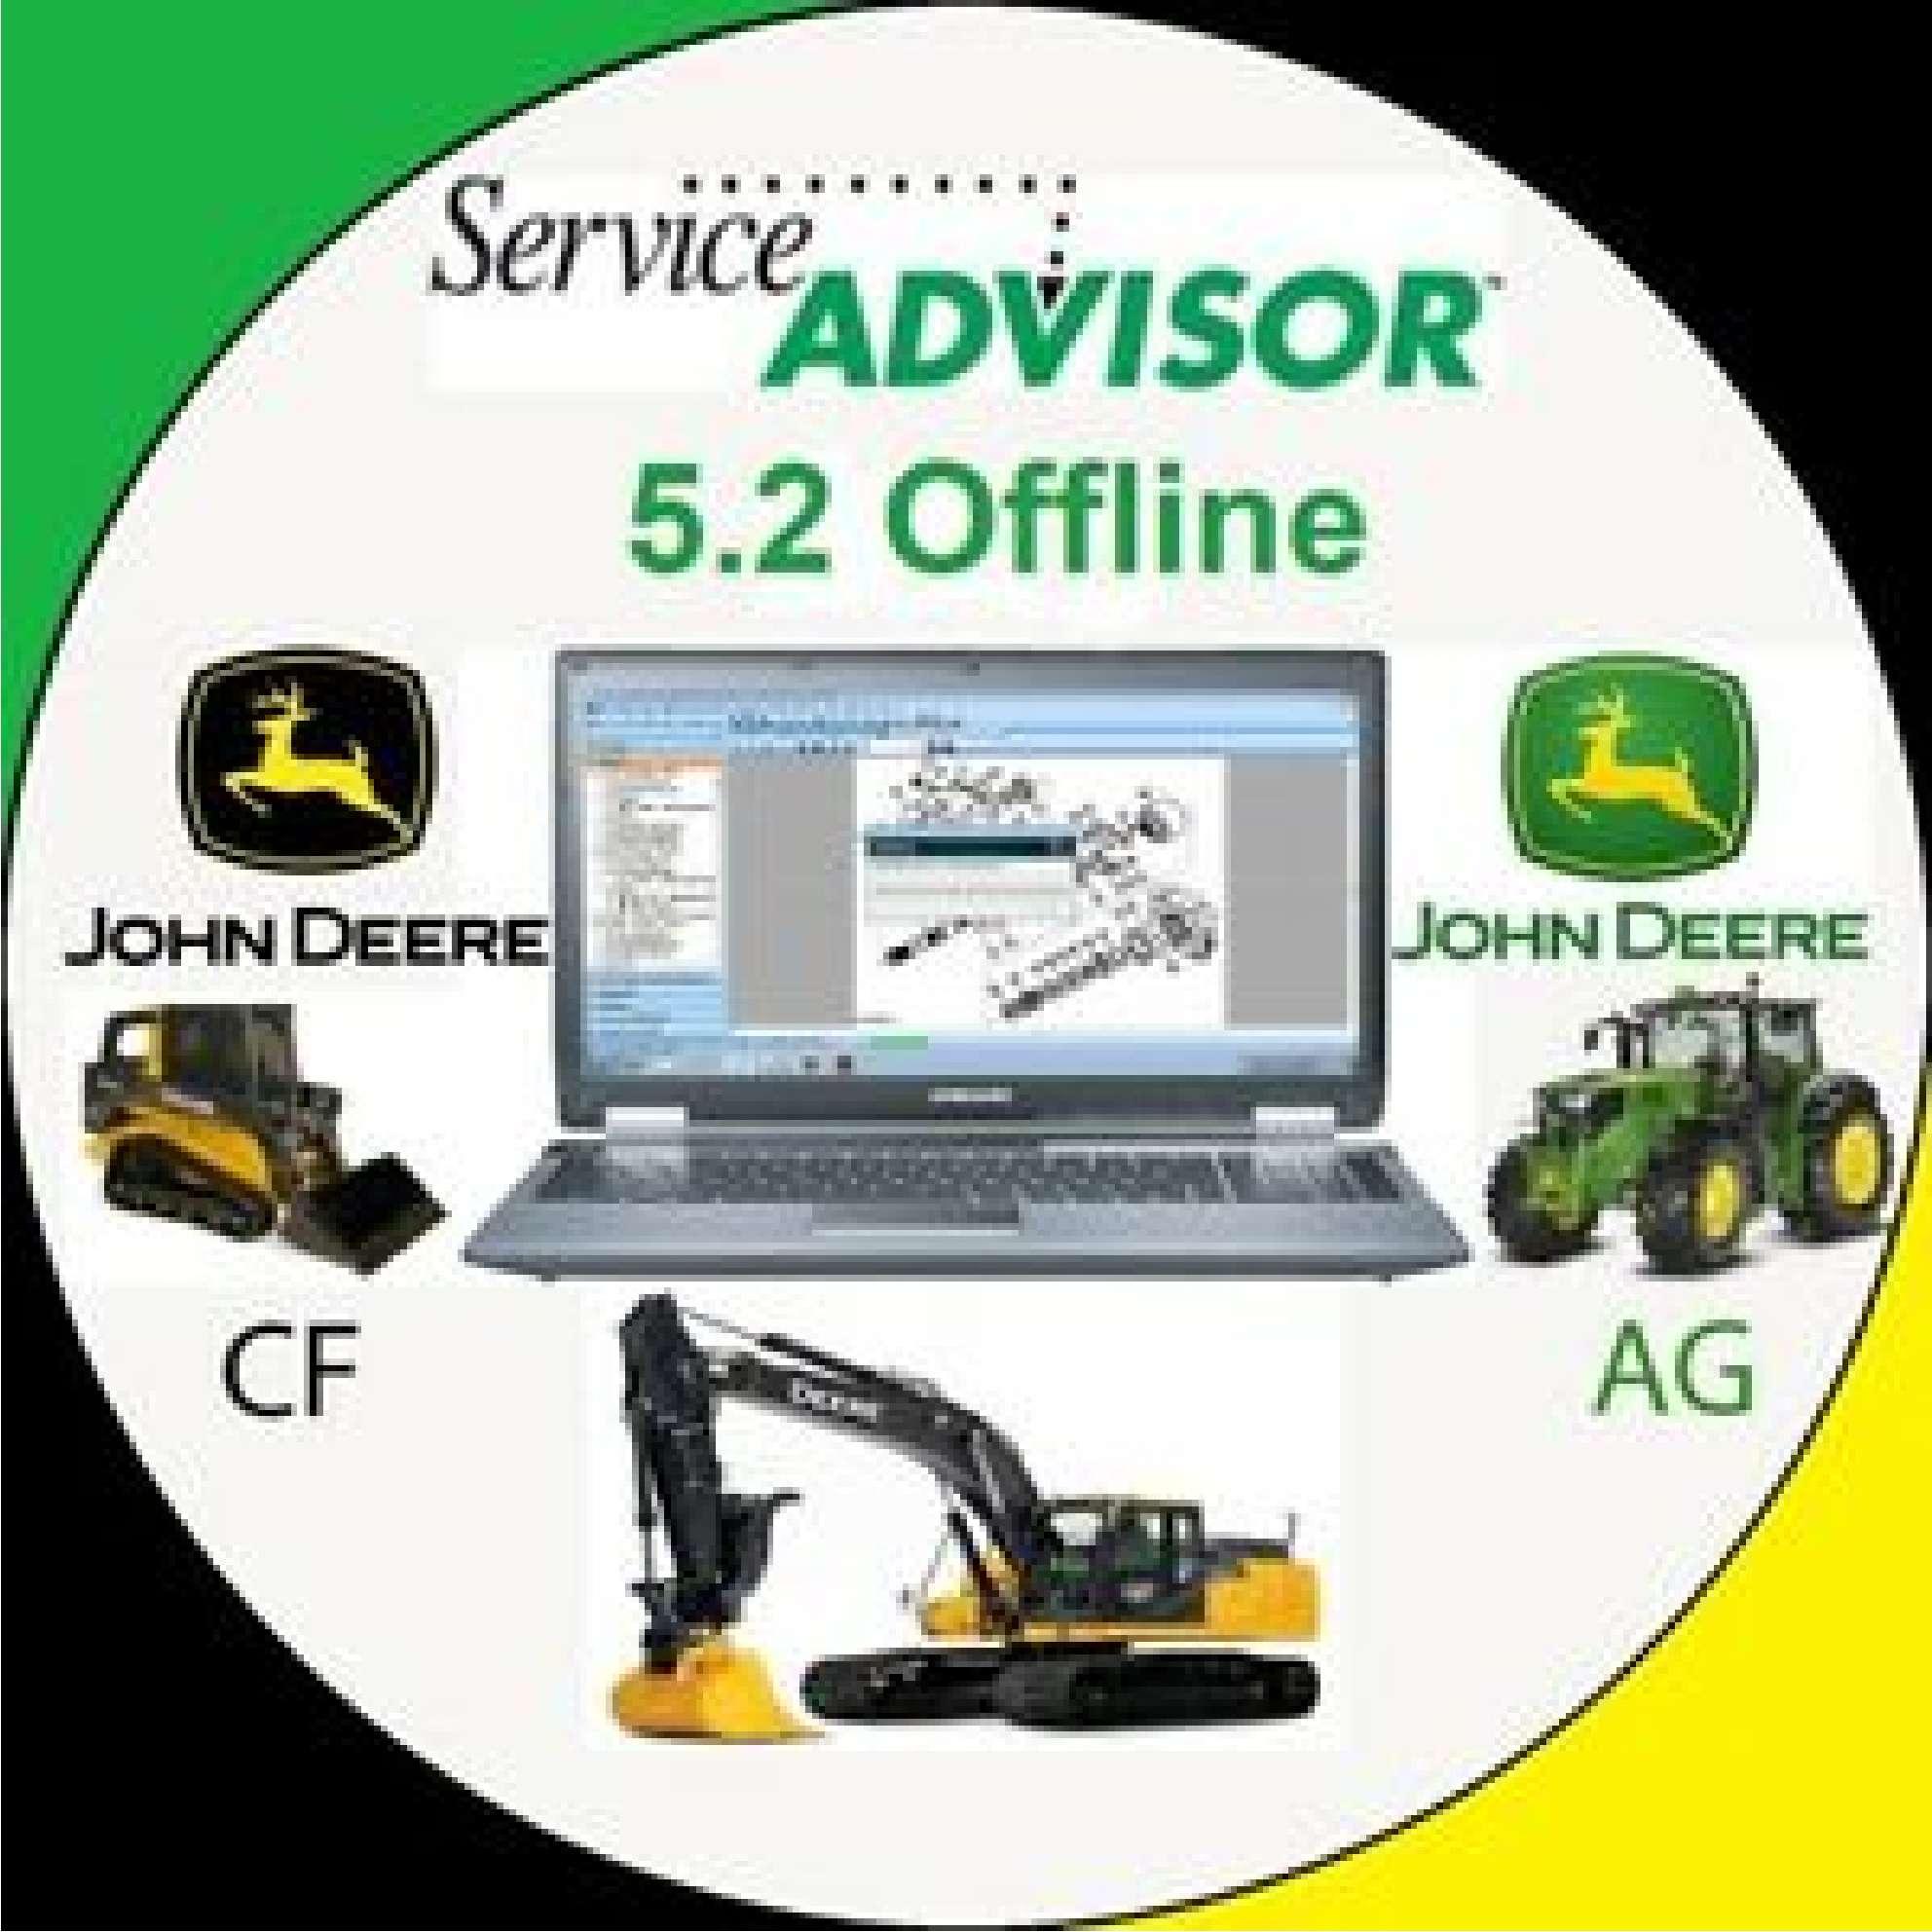 John Deere Service Advisor 5.2 2018 AG or CF (like information basis) SS-01